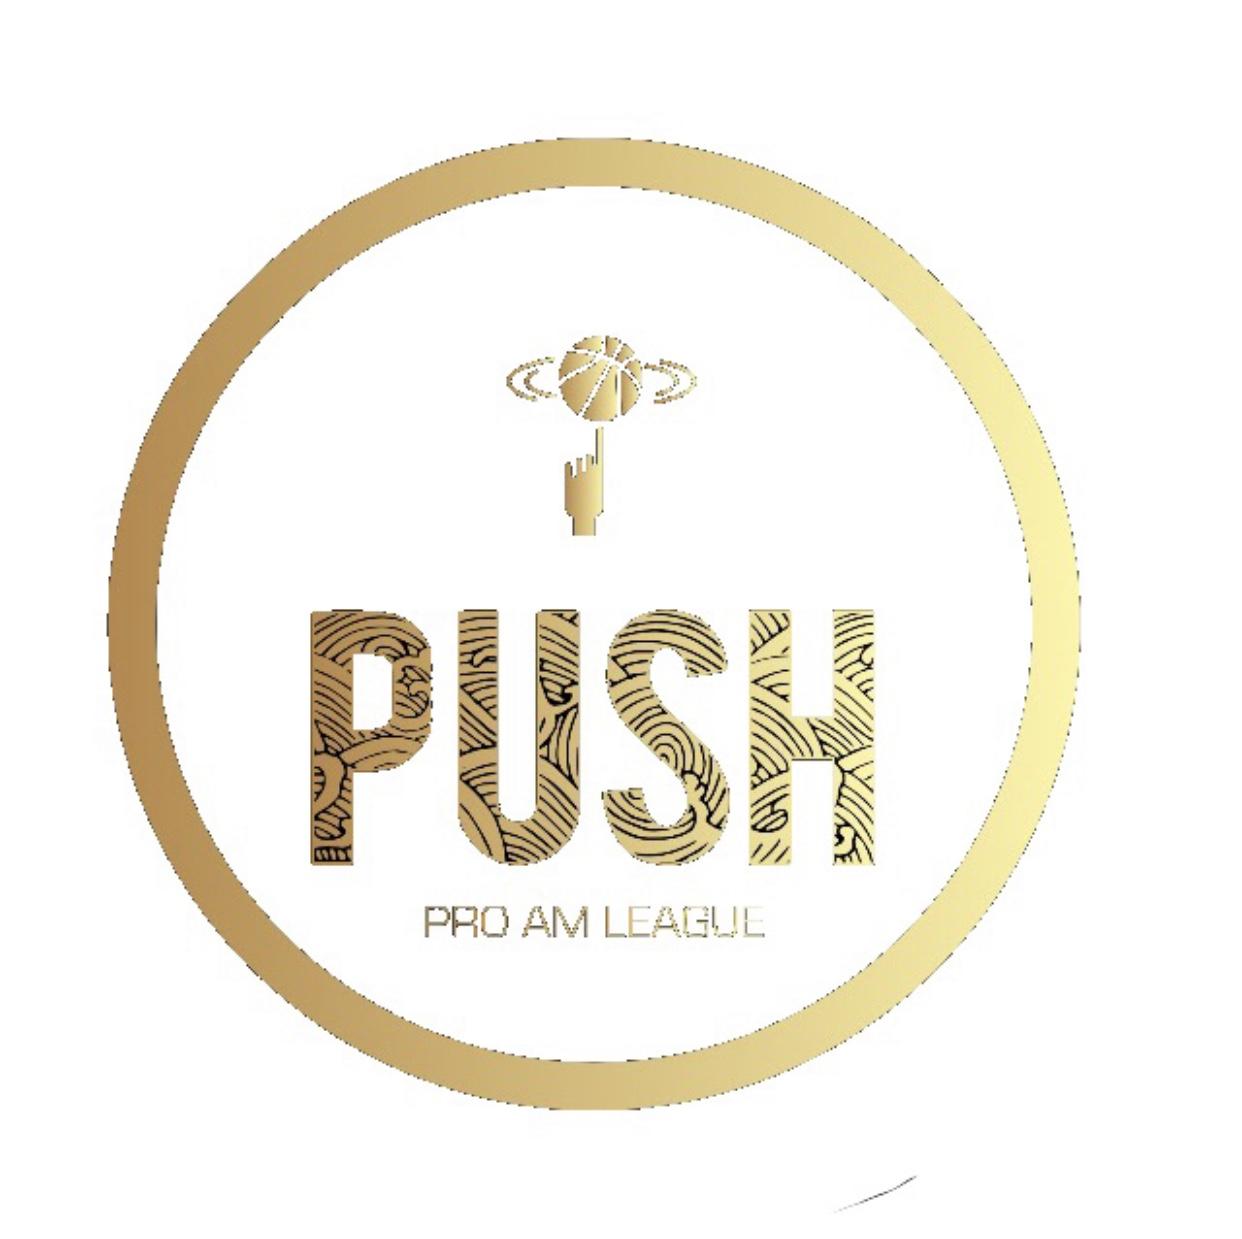 Team Push